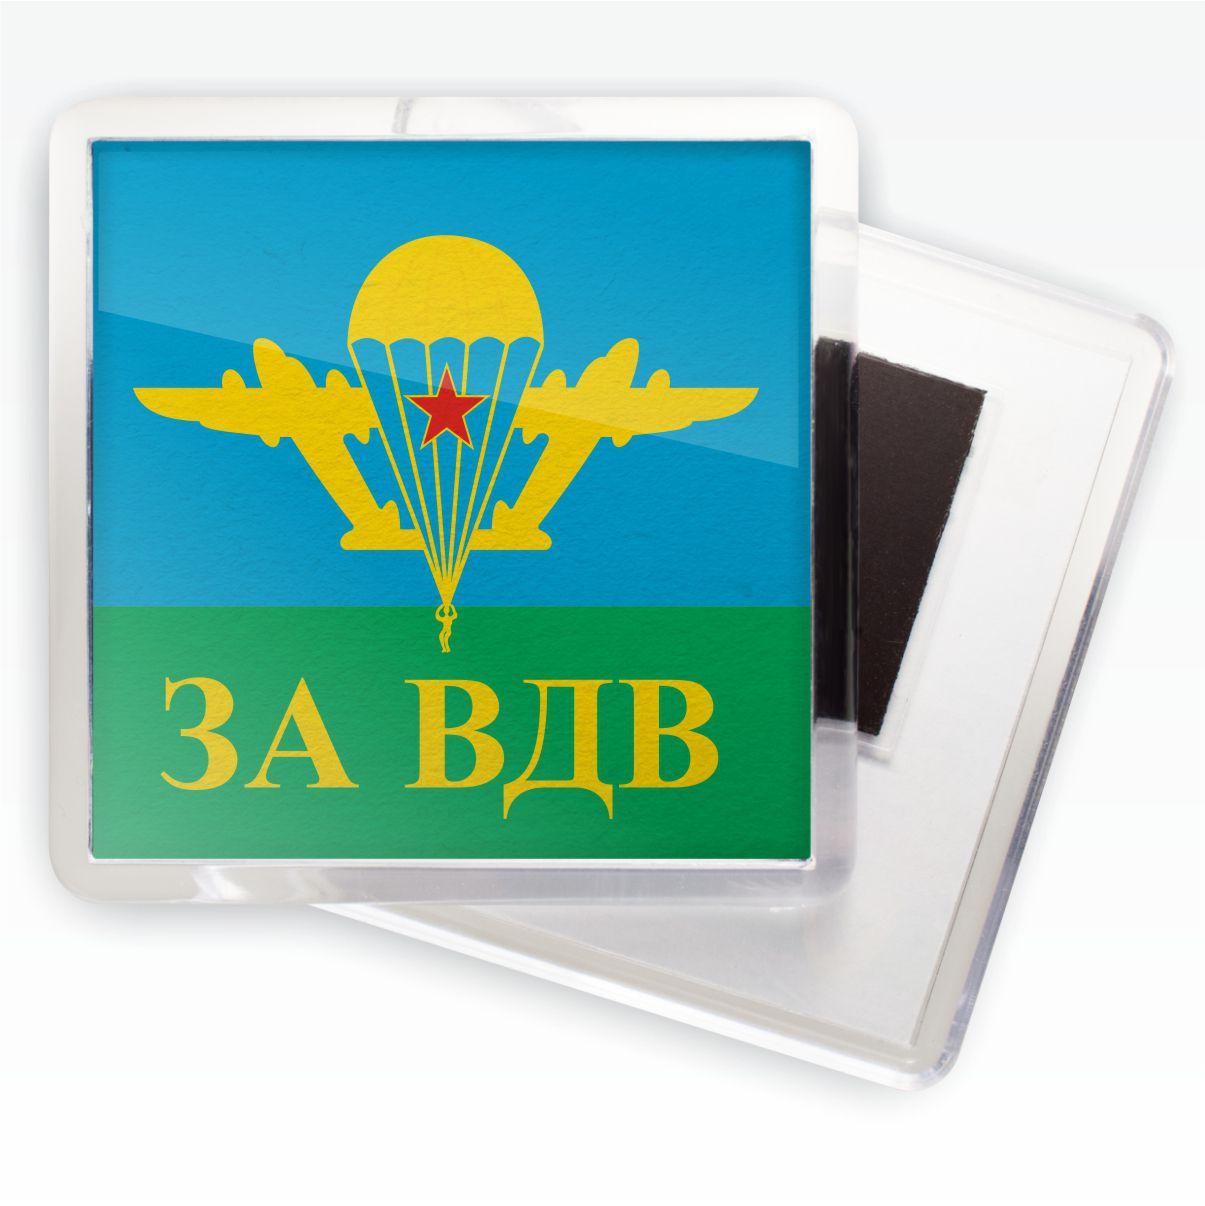 Магнитик ВДВ «За ВДВ» - оригинальный сувенир для десантников